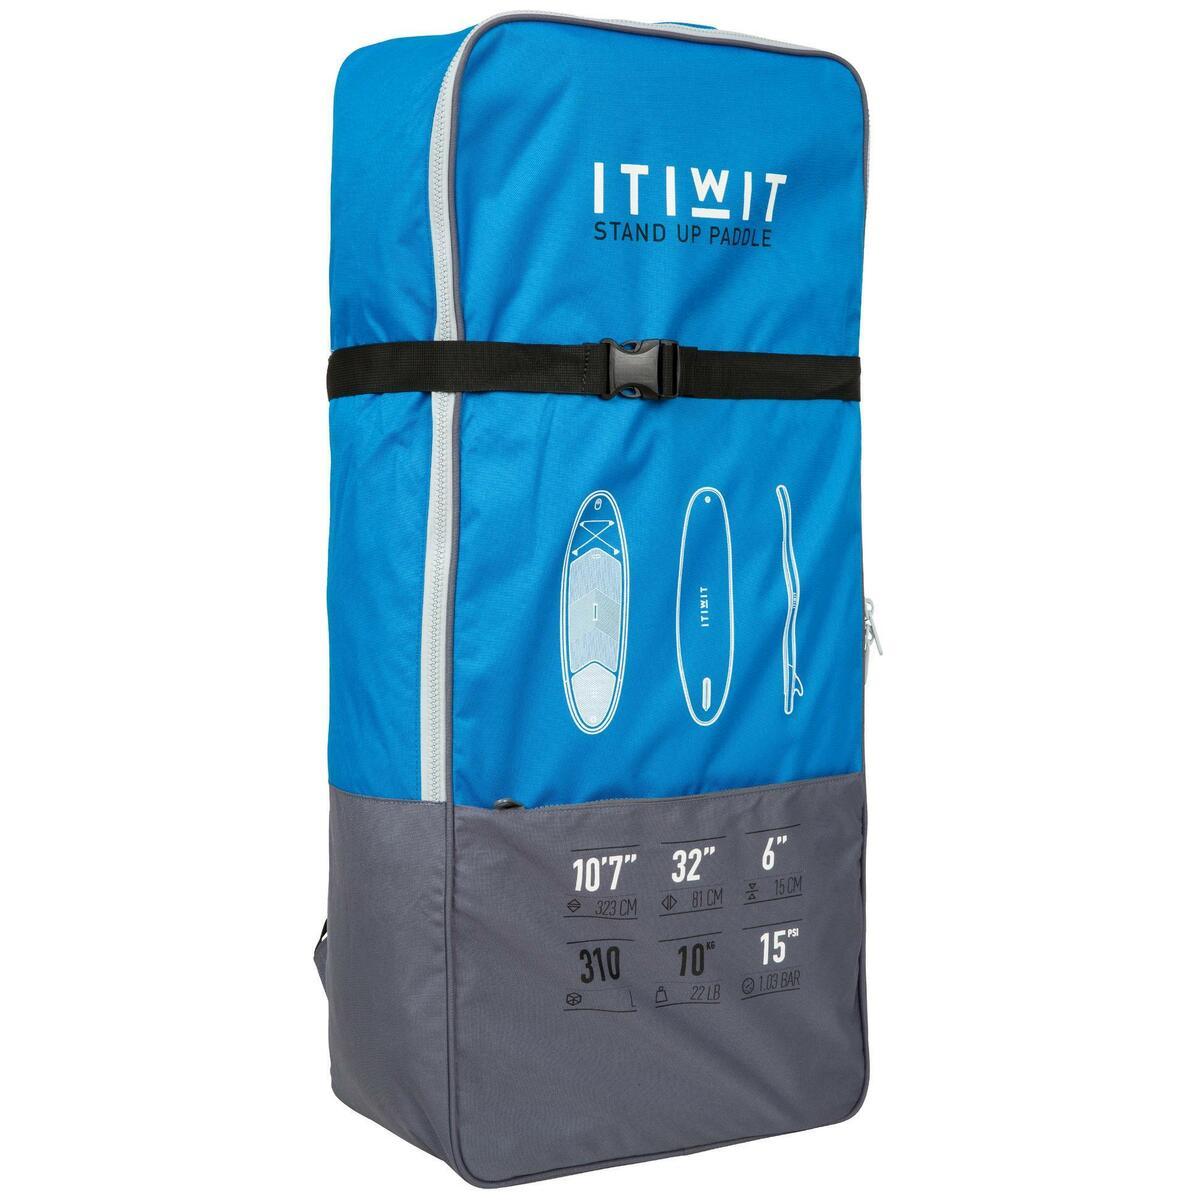 Bild 1 von Transporttasche Rucksack für Stand Up Paddle SUP Allround